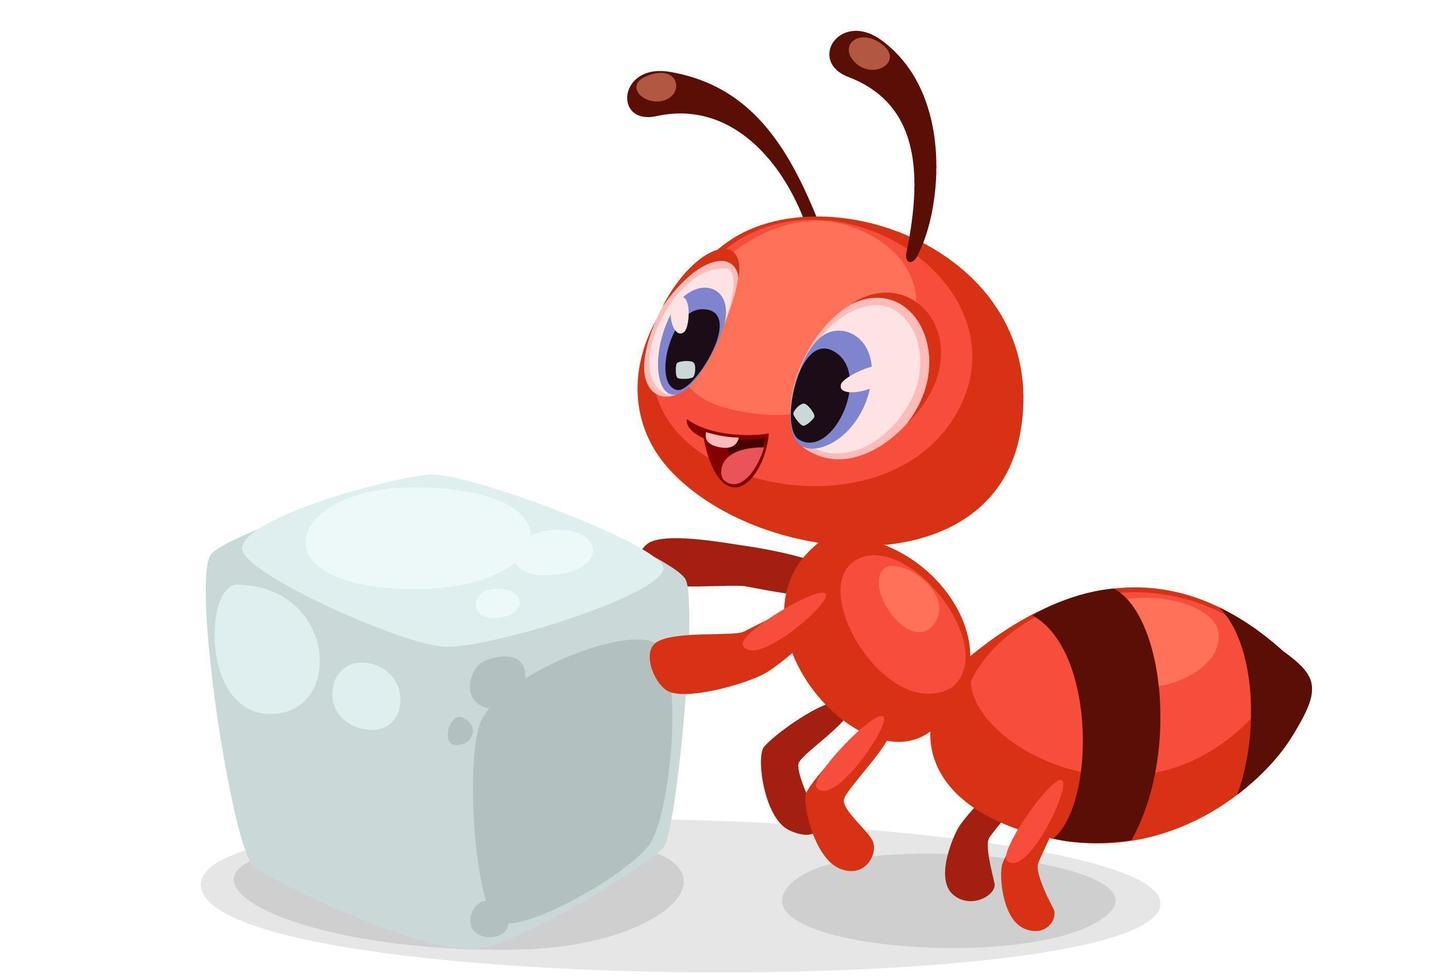 Formiga bebê fofa carregando um cubo de açúcar vetor